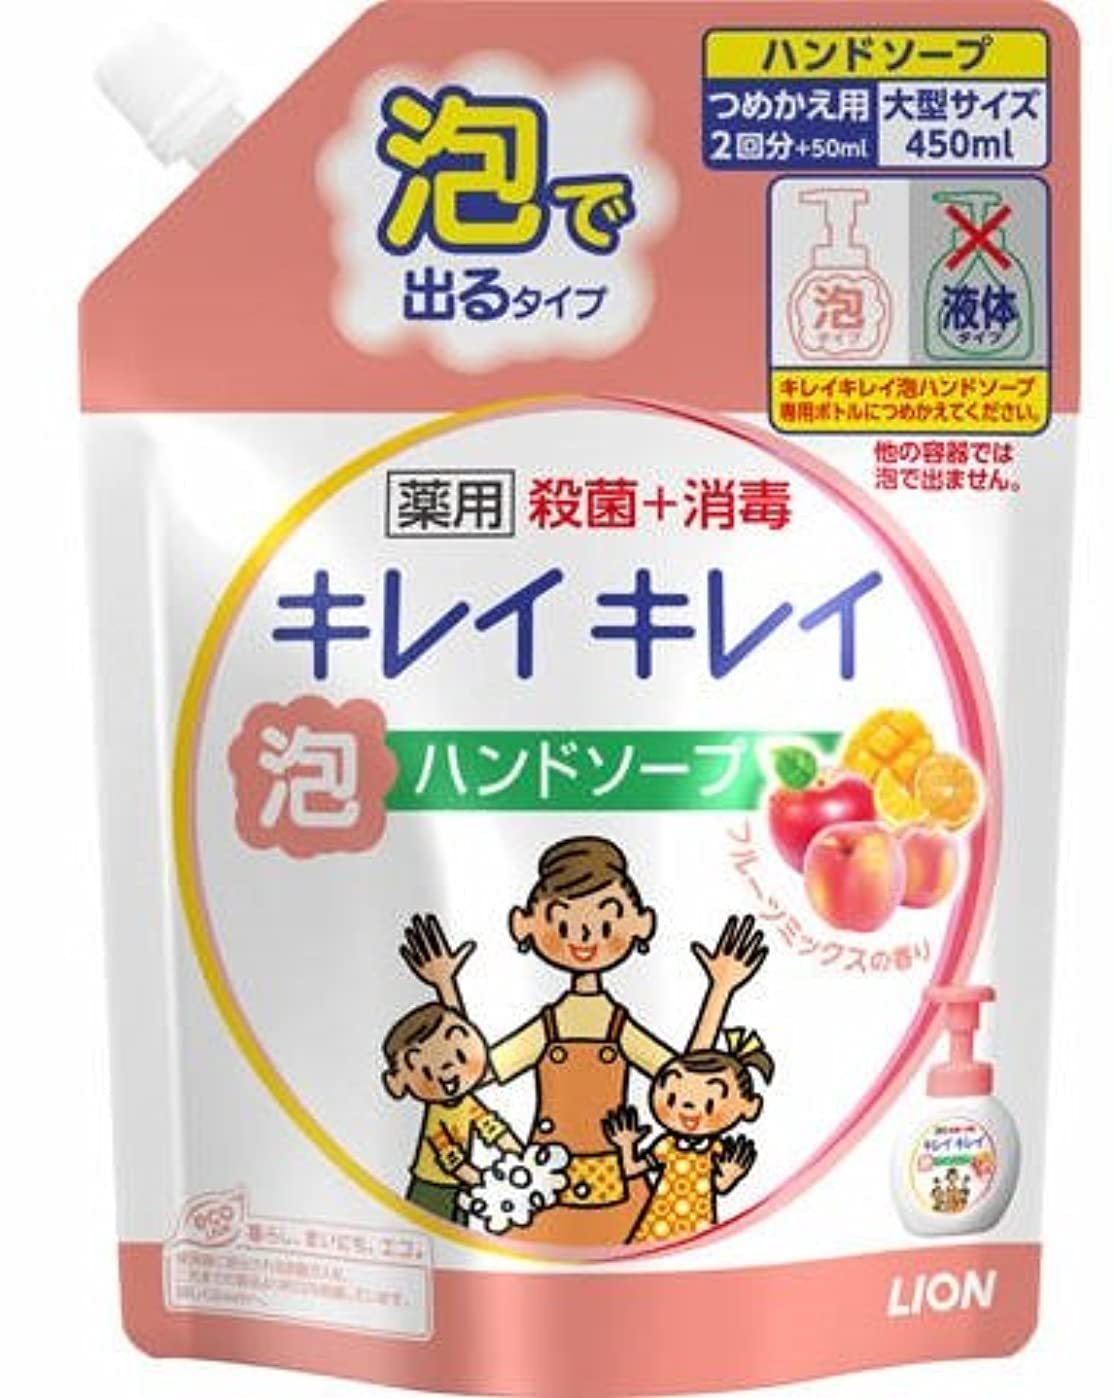 代数必要性緩やかなキレイキレイ薬用泡HSフルーツミックス つめかえ用大型サイズ × 5個セット